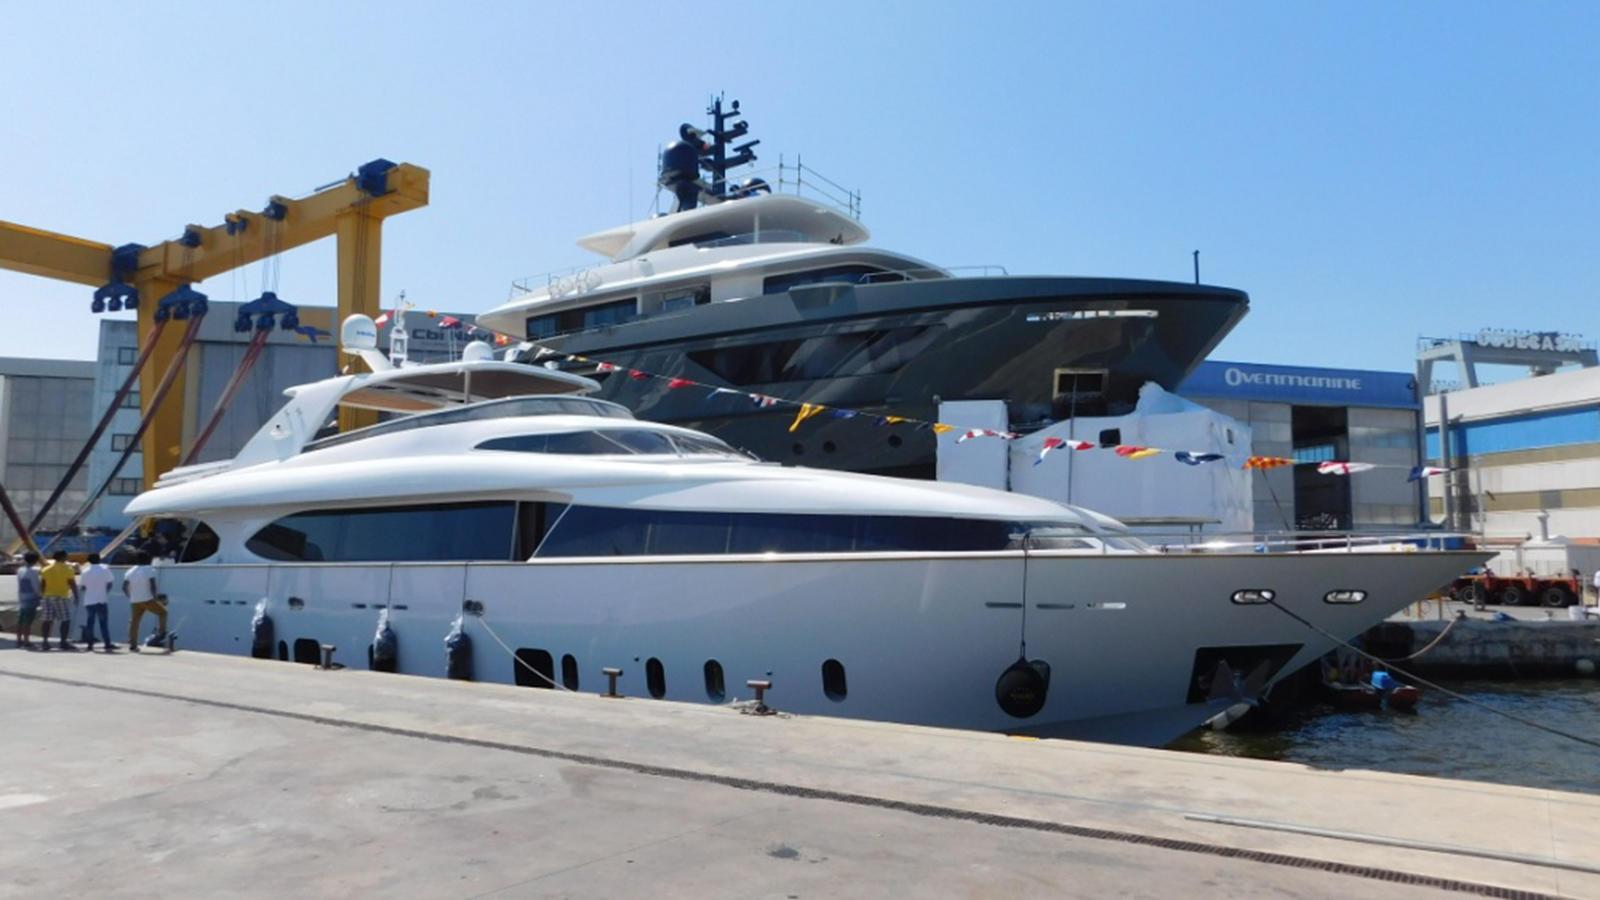 maiora-33fb-motor-yacht-2016-32m-launch-berth